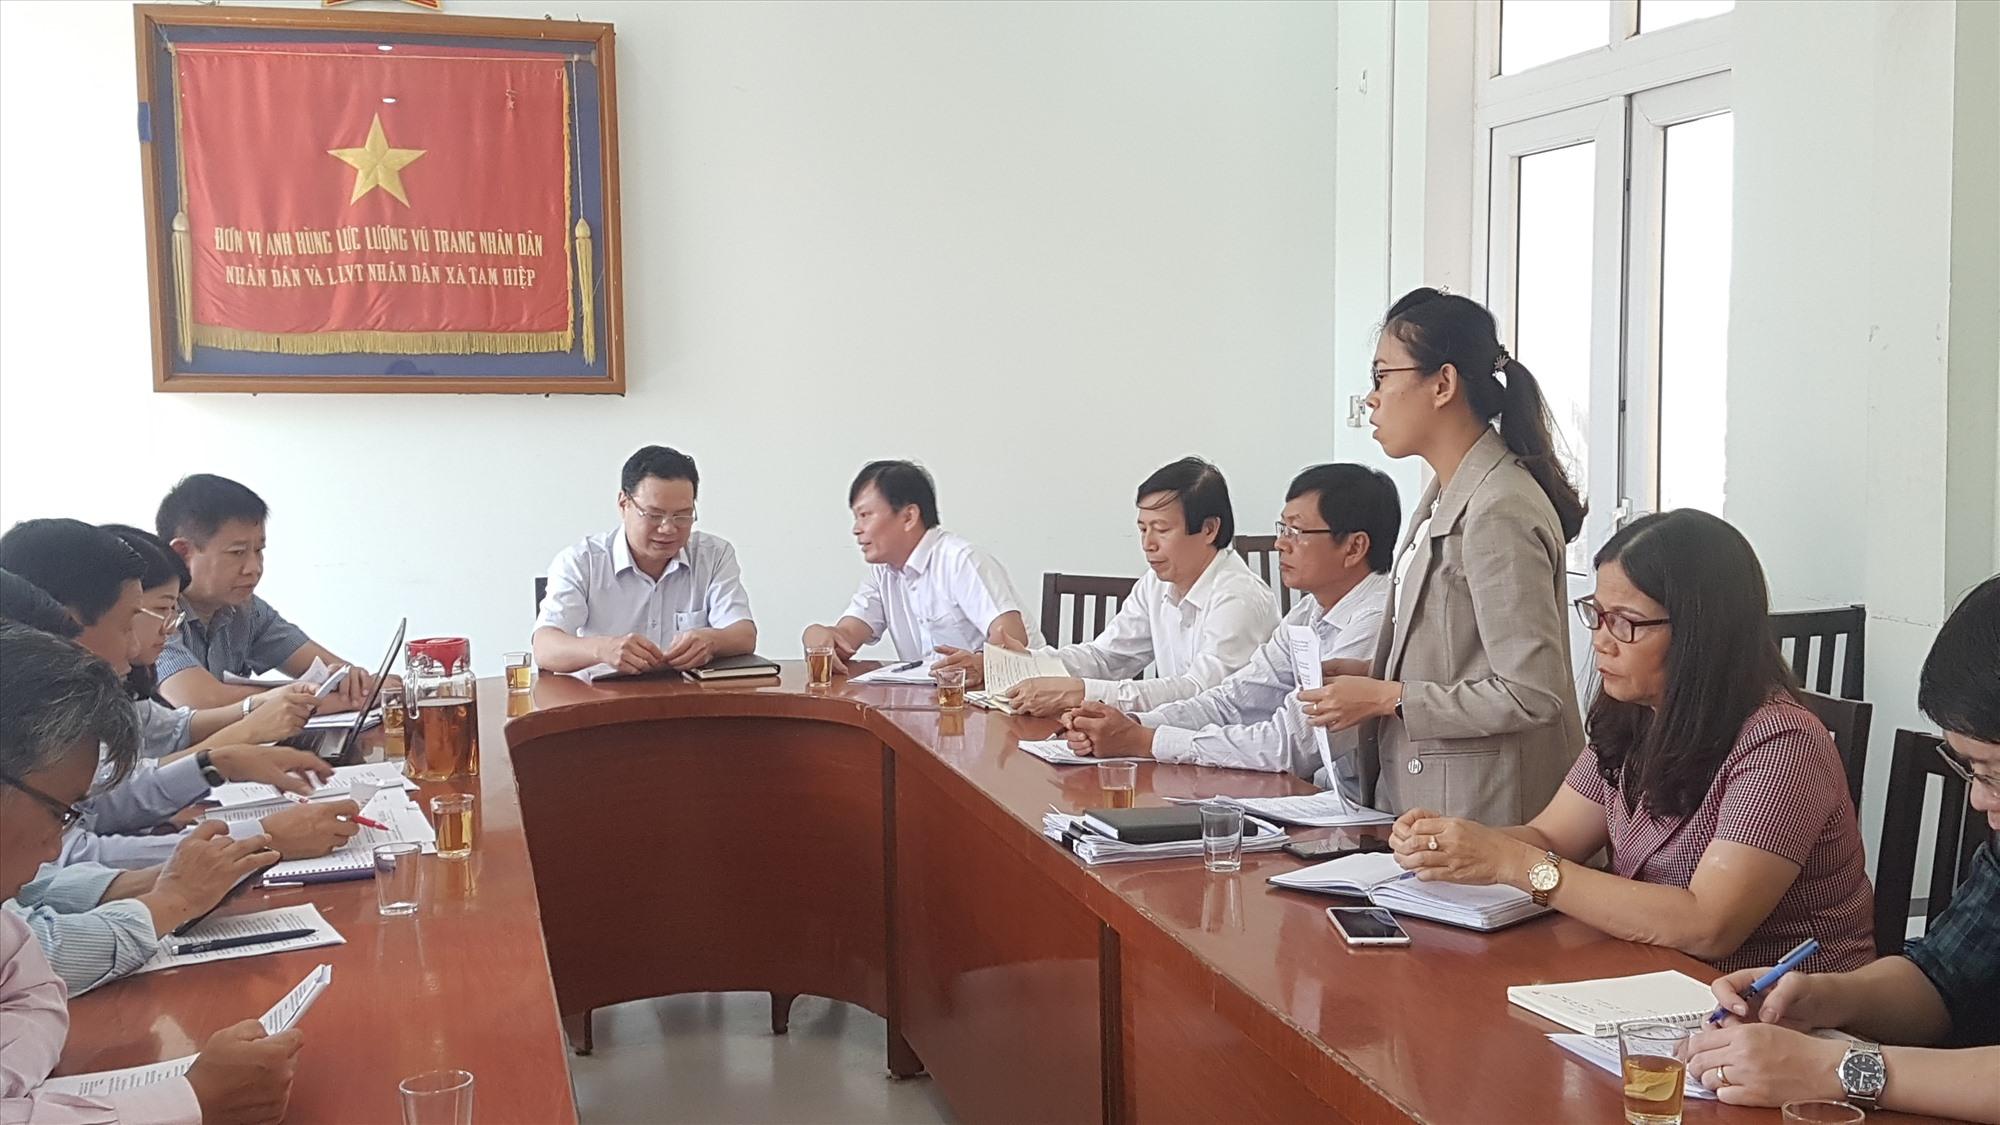 UBND xã Tam Hiệp báo cáo việc thực hiện chính sách hỗ trợ tại xã. Ảnh: D.L